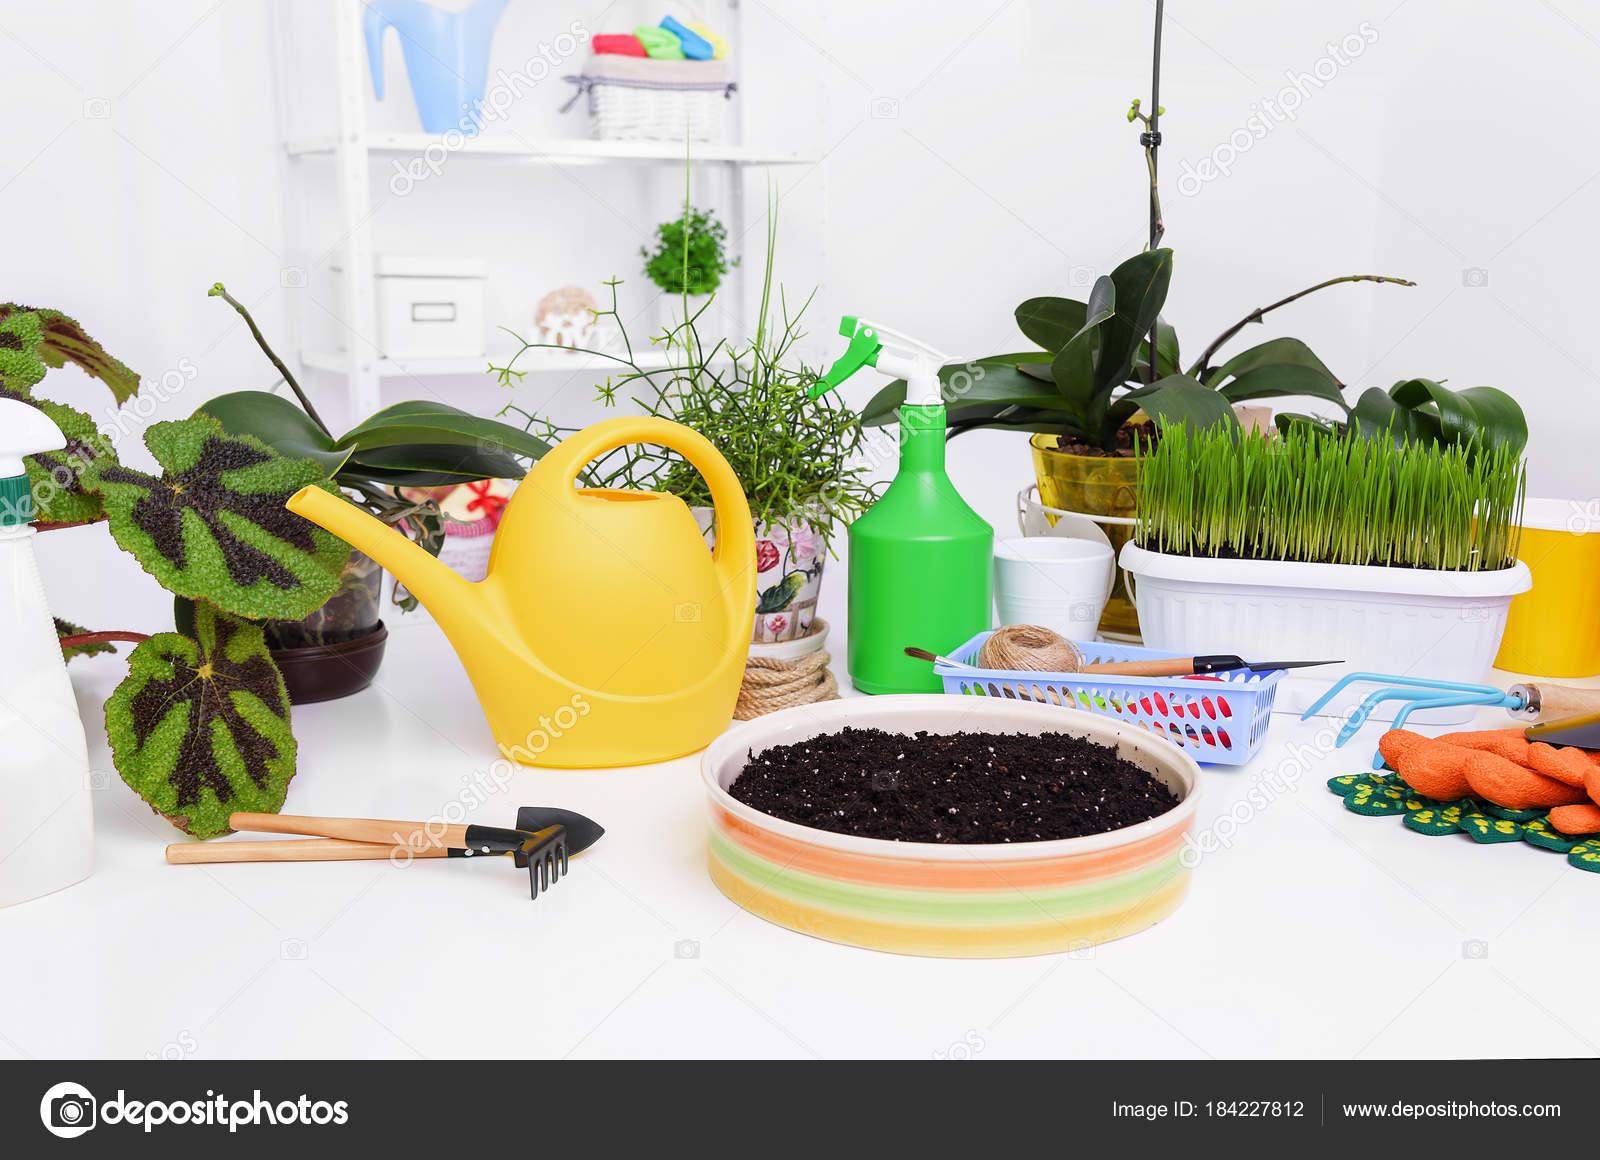 ПЕРЕСАДКА комнатных растений и цветов: как и когда ЛУЧШЕ? 89